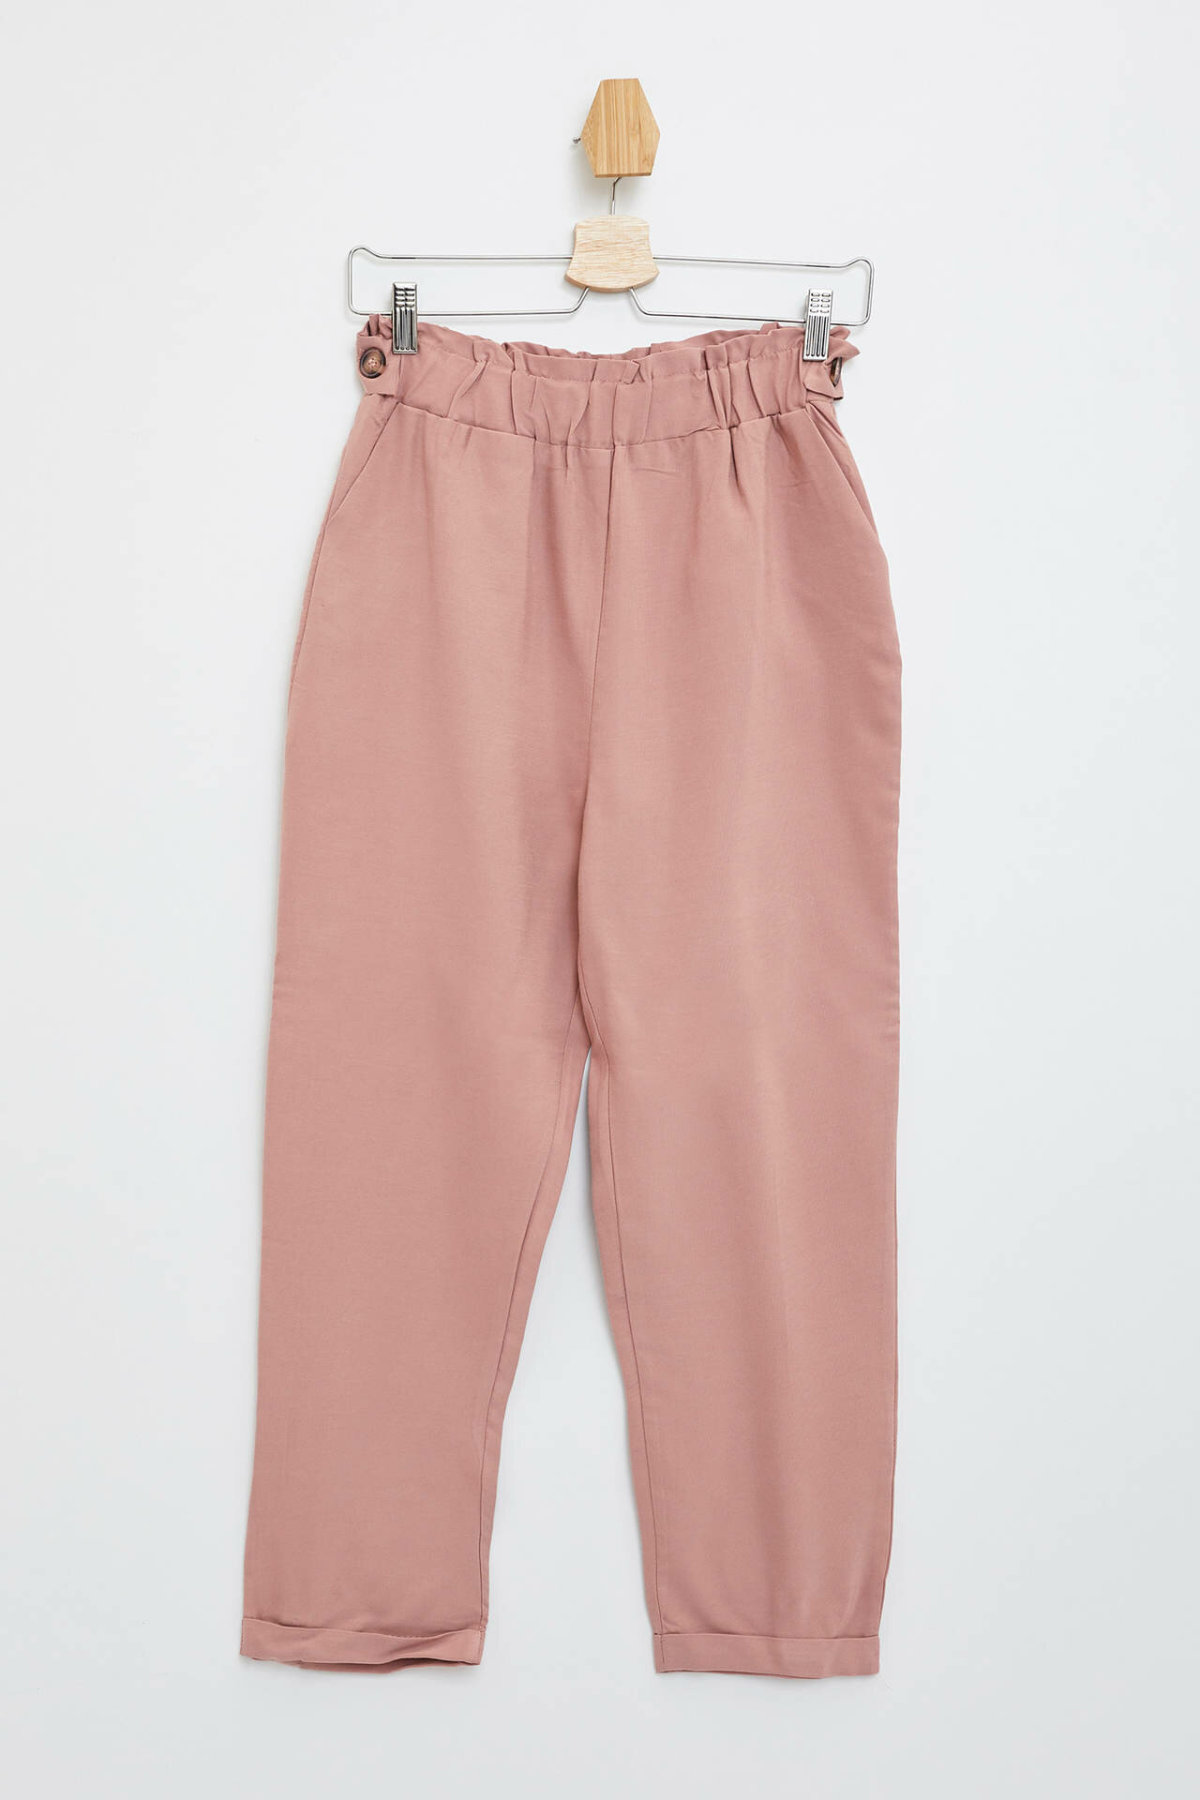 DeFacto Simple Woman Trousers Elegant Ladies High Quality Crop Pants Female Fashion Elastic Waist Pants Pink - M4877AZ19HS